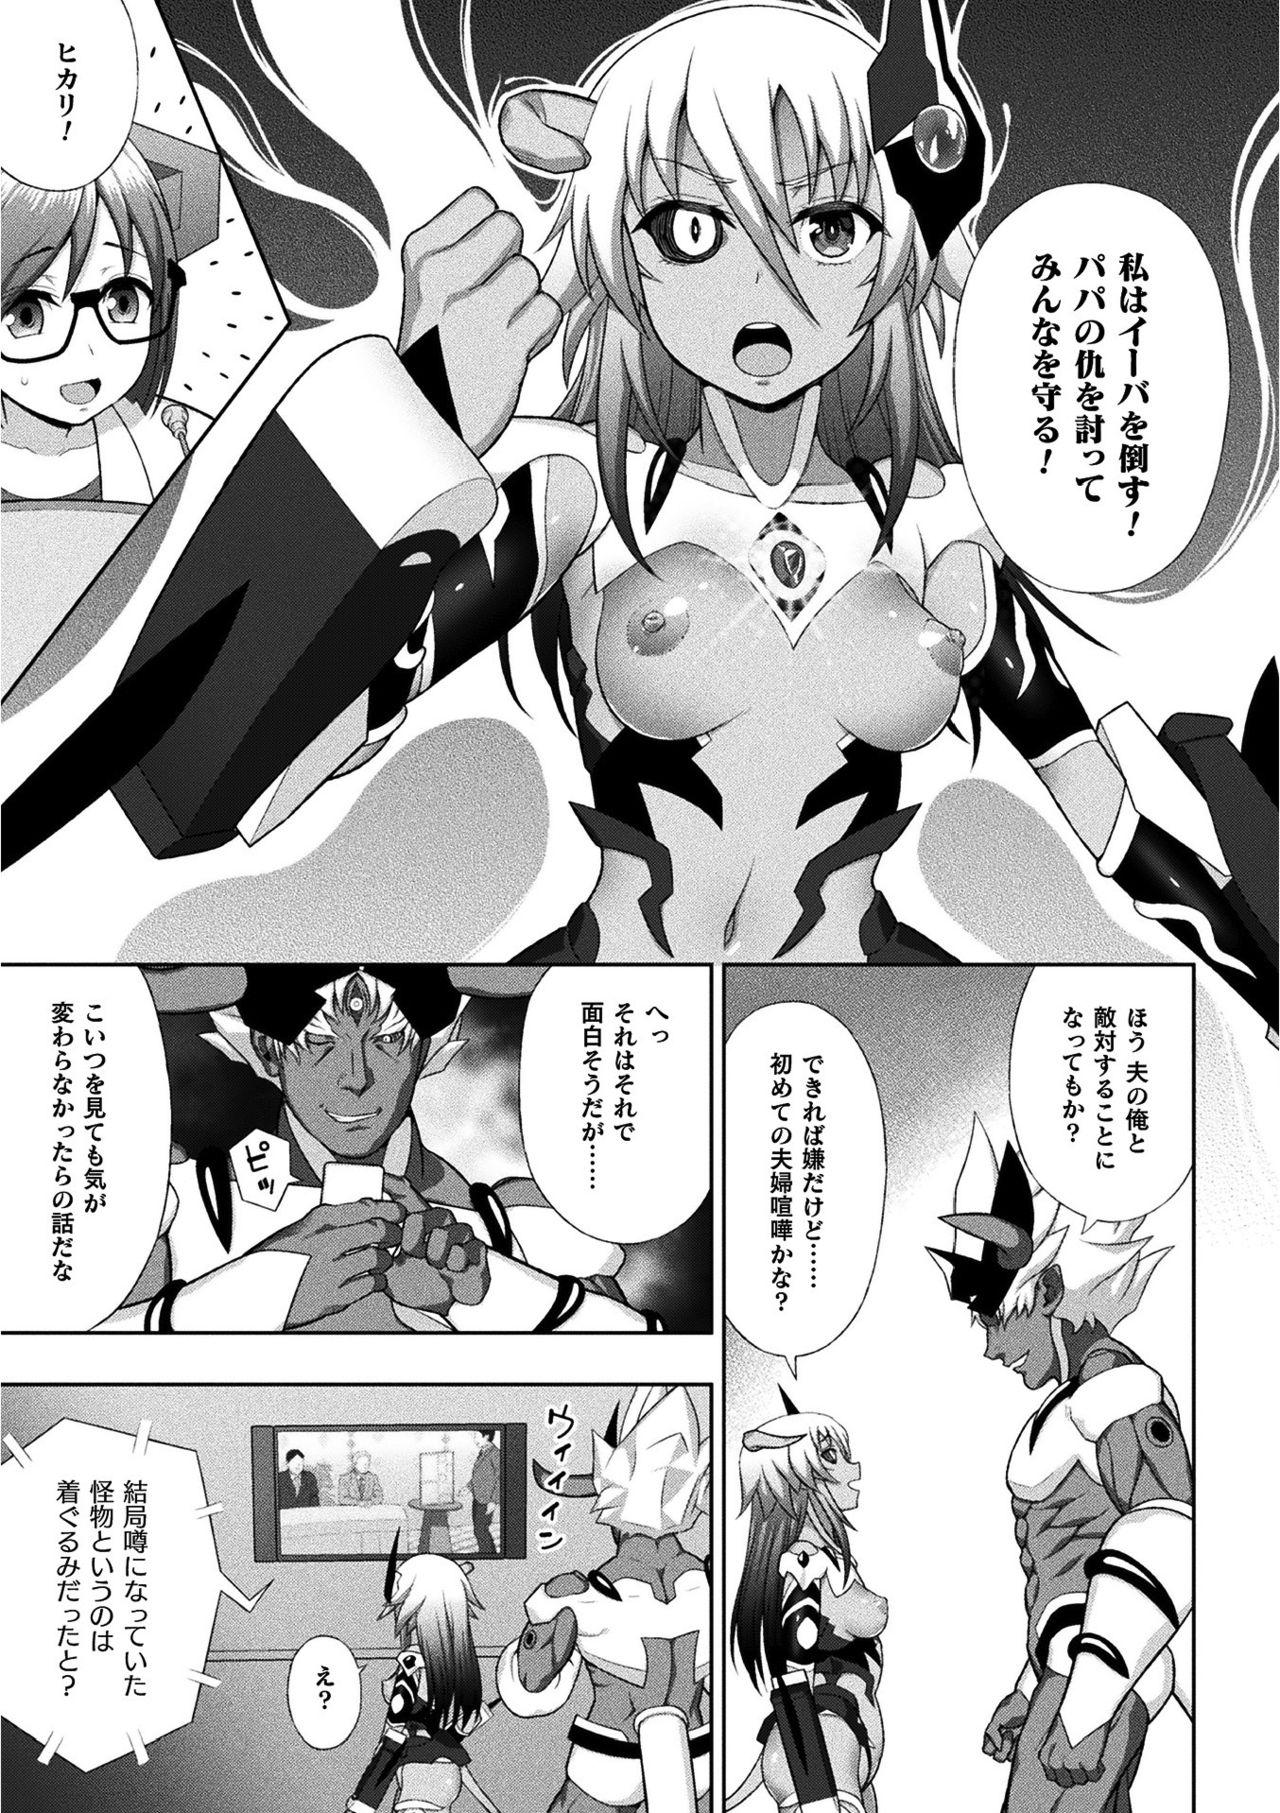 Kukkoro Heroines Vol. 12 14